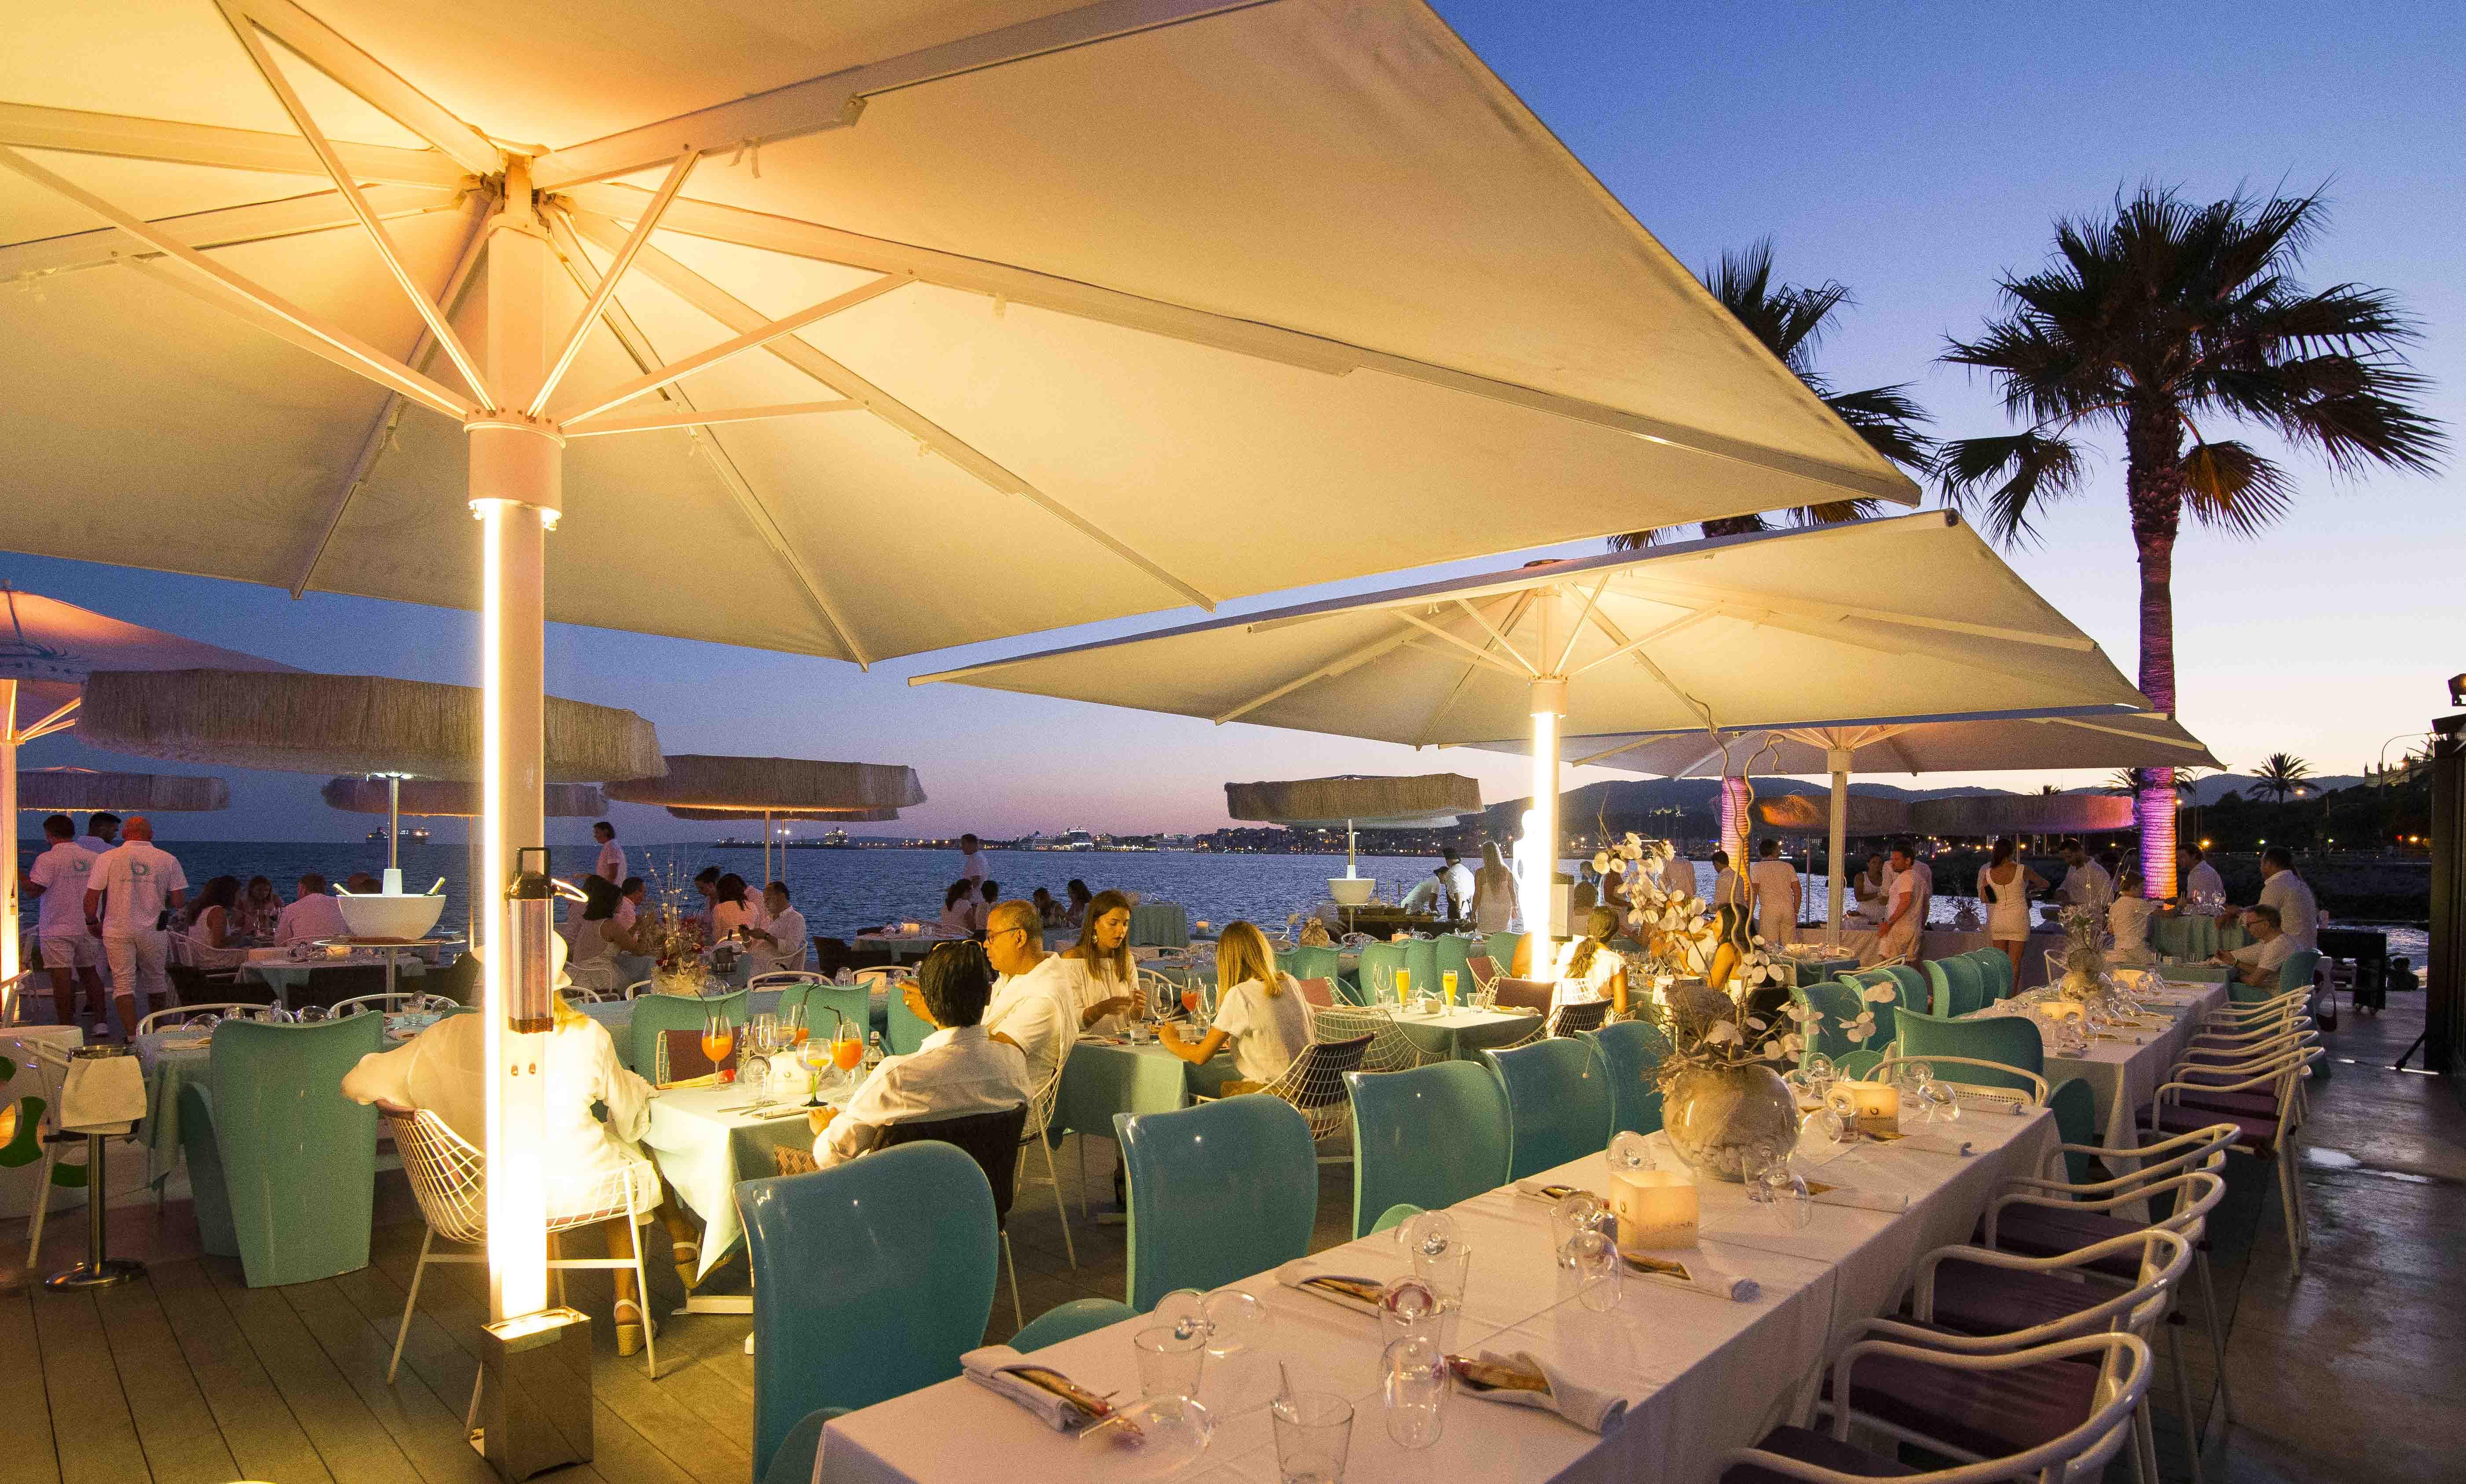 Anima Beach Club Palma de Mallorca